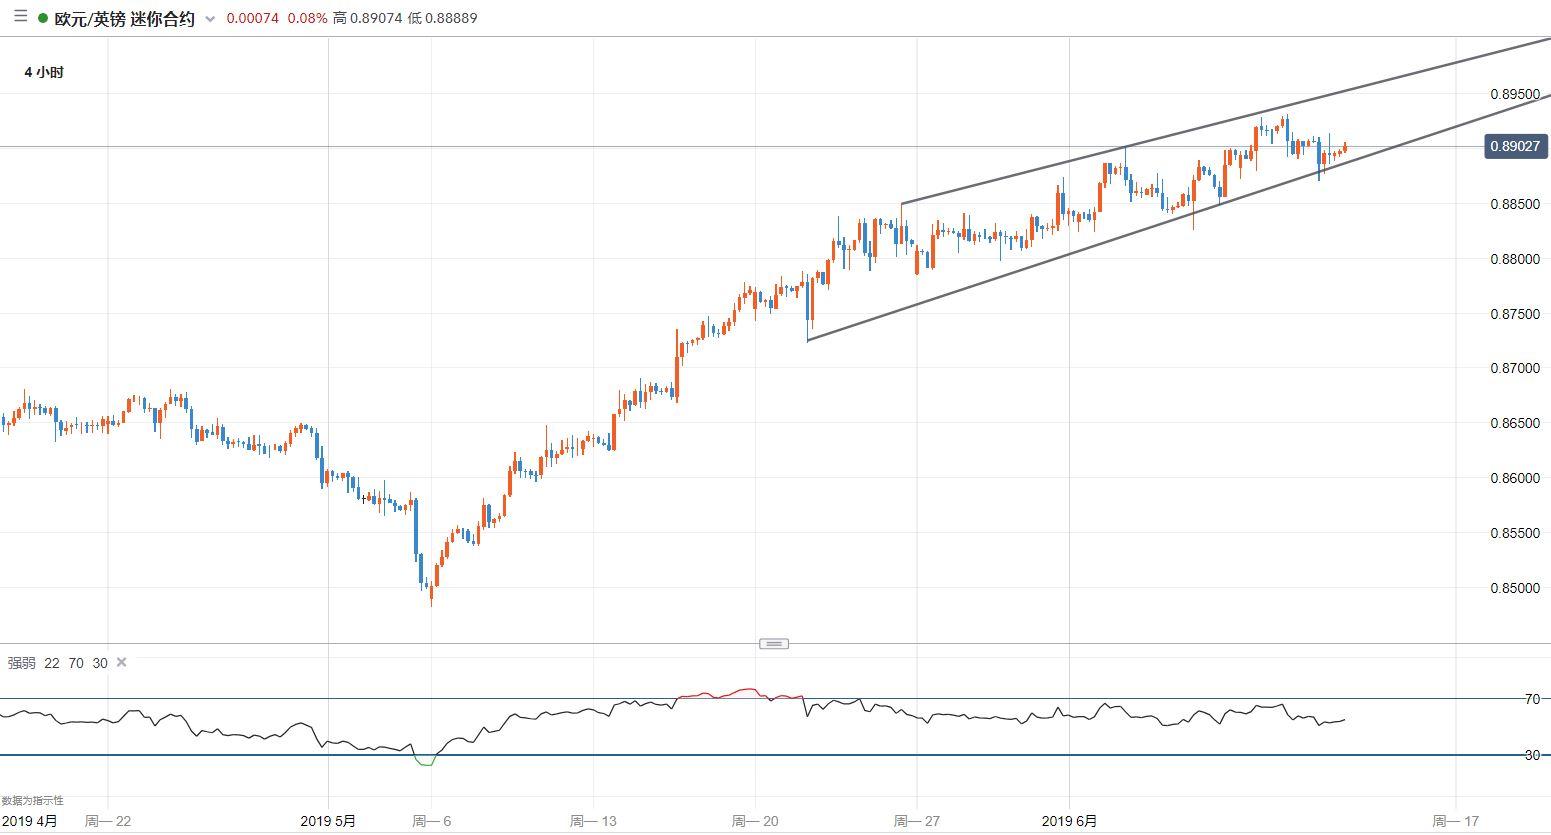 歐元/英鎊技術分析:震盪仍在延續